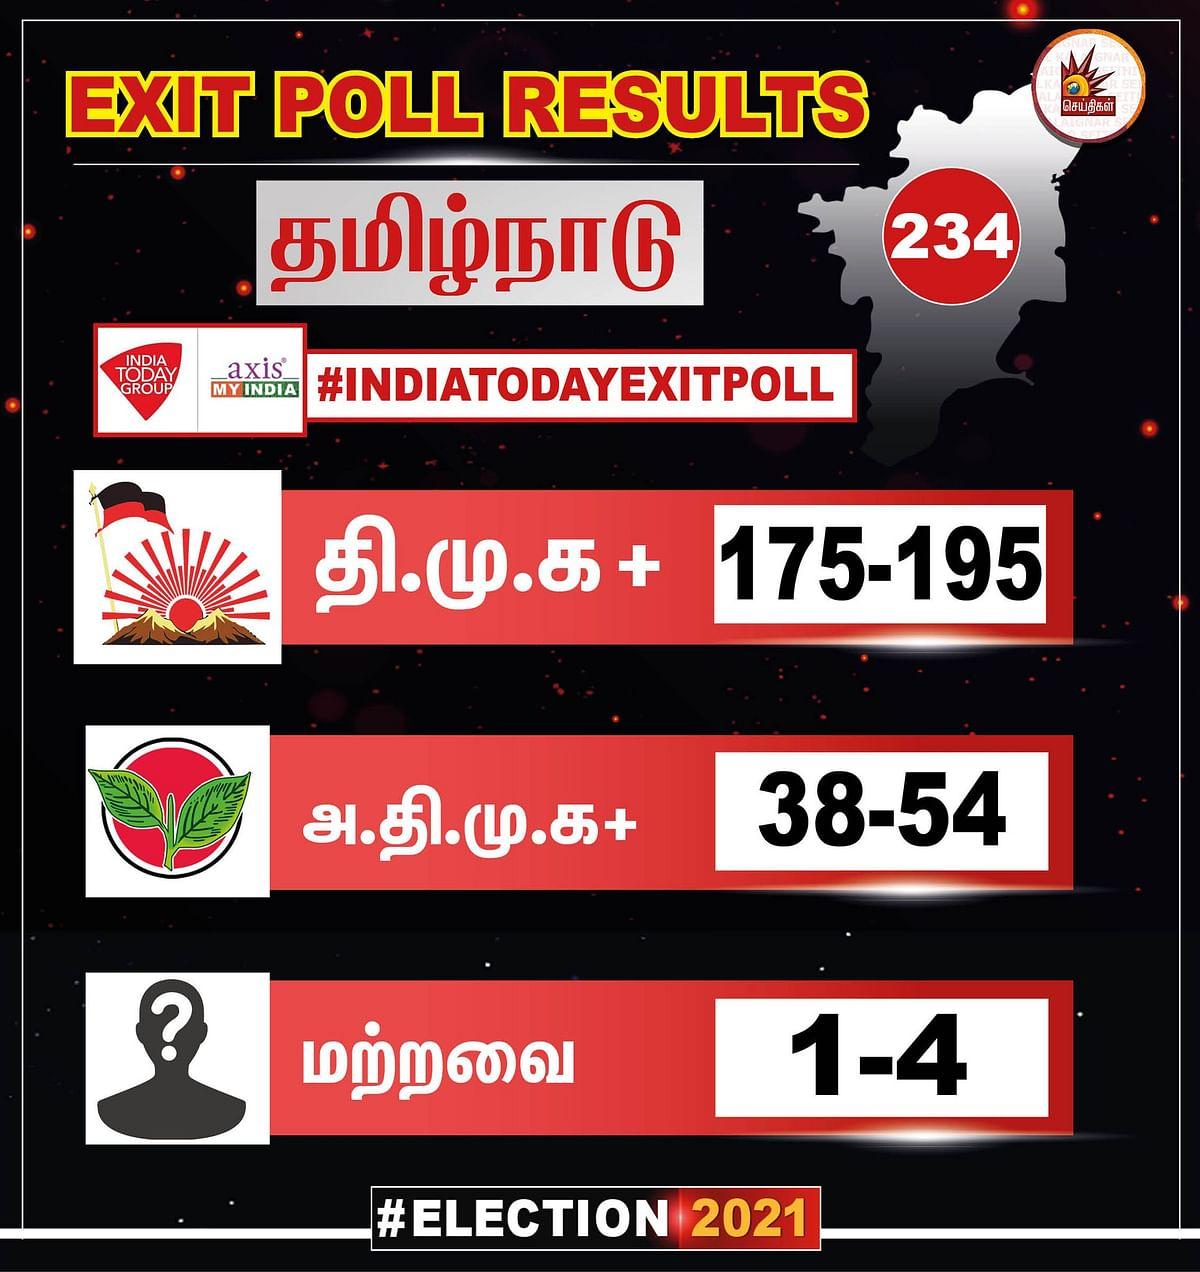 195 தொகுதிகளில் வென்று ஆட்சியமைப்பார் மு.க.ஸ்டாலின் - தி.மு.க வெற்றியை கட்டியம் கூறும் Exit Poll Results!